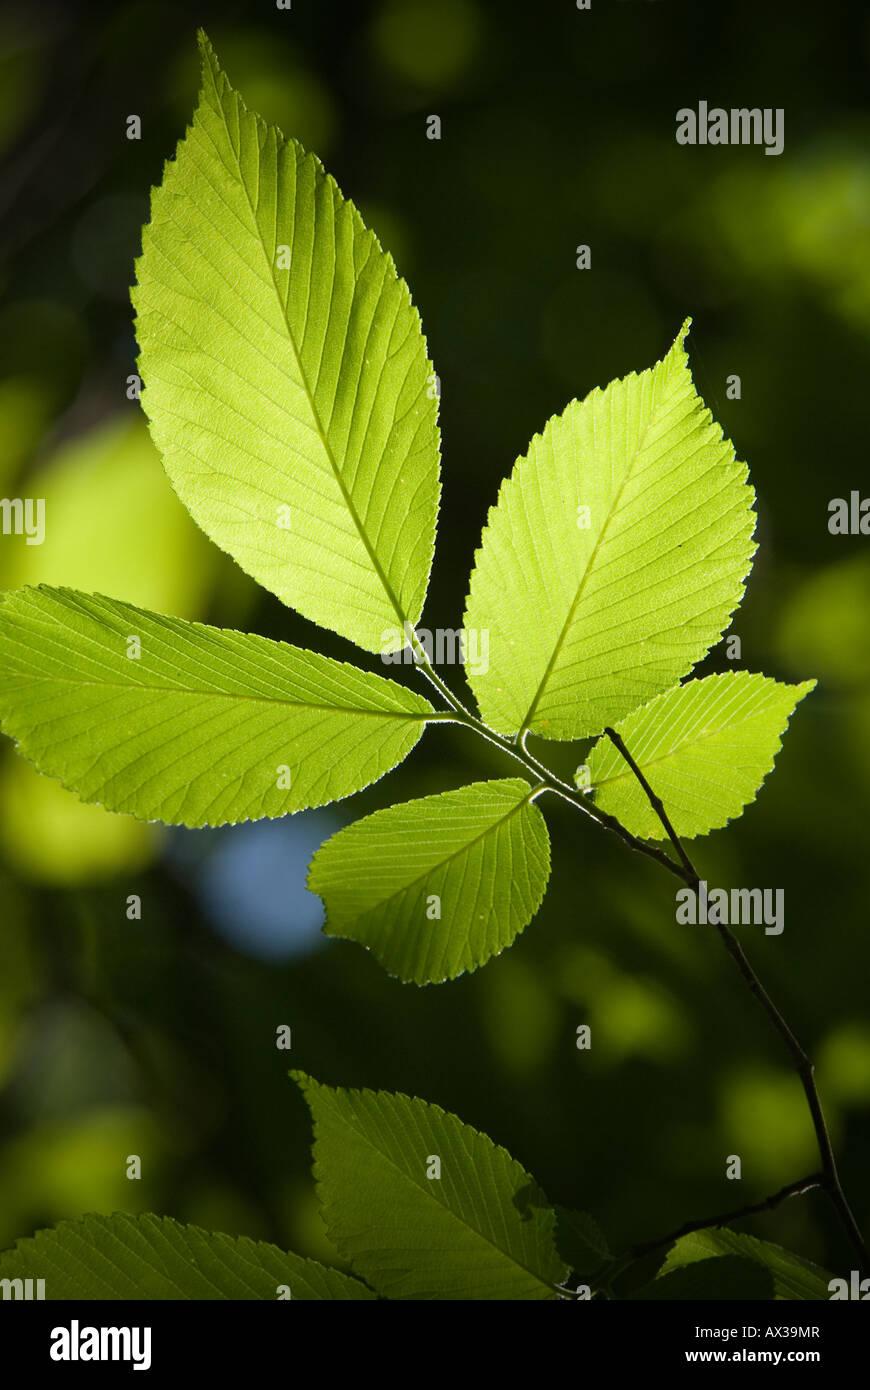 Amerikanische Ulme Blätter Stockbild